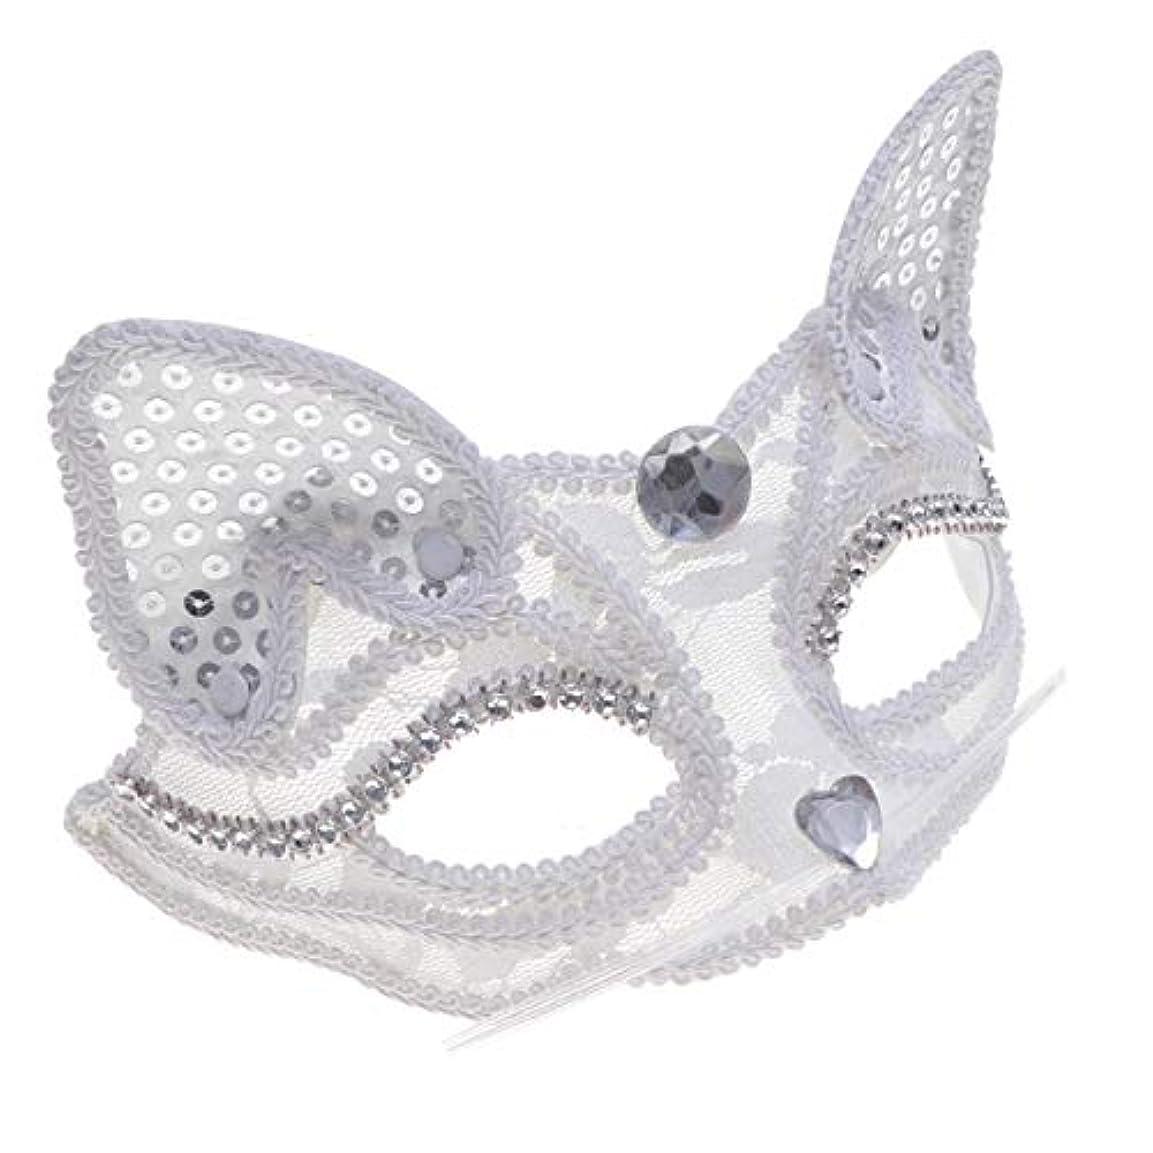 ジャグリングラフ番目BESTOYARD キツネハーフマスク動物キツネレースマスク女性用女の子ドレスアップ仮面舞踏会パフォーマンスマスクハロウィンパーティー用(フェザーホワイトなし)